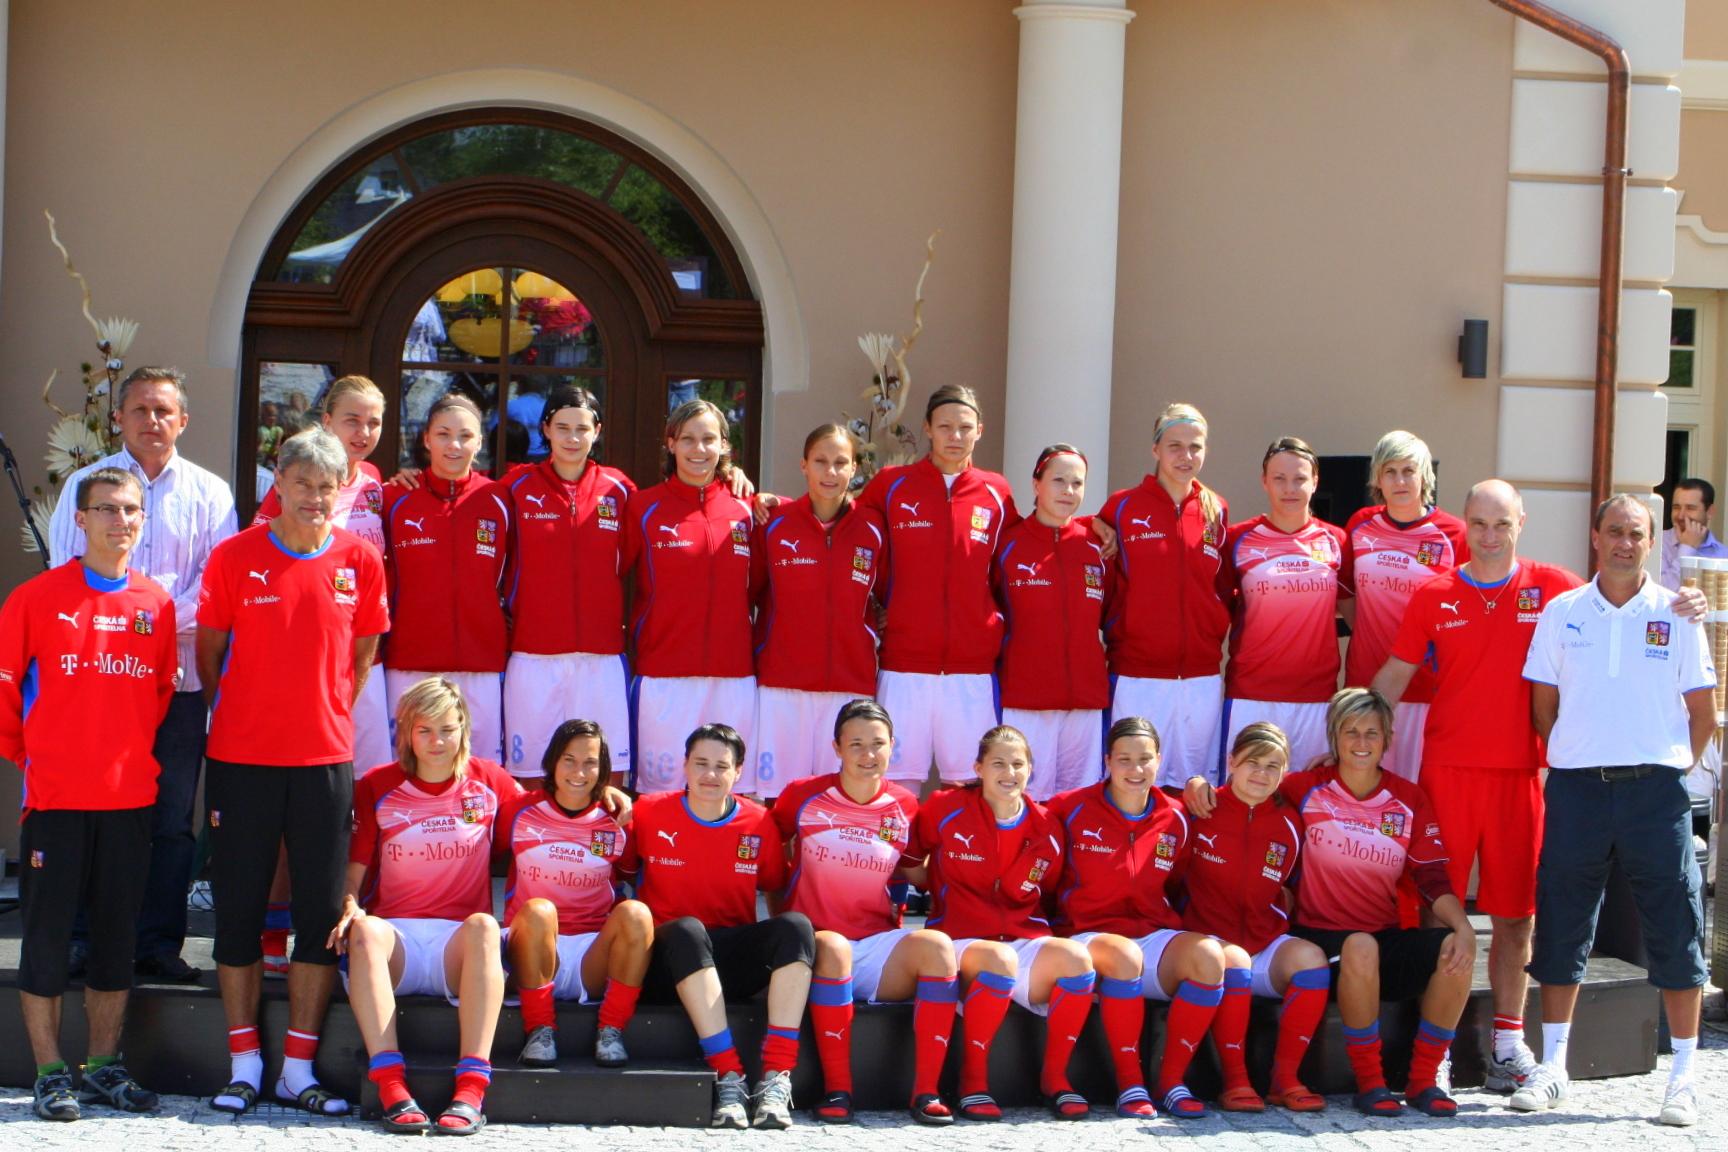 Ženská fotbalové reprezentace